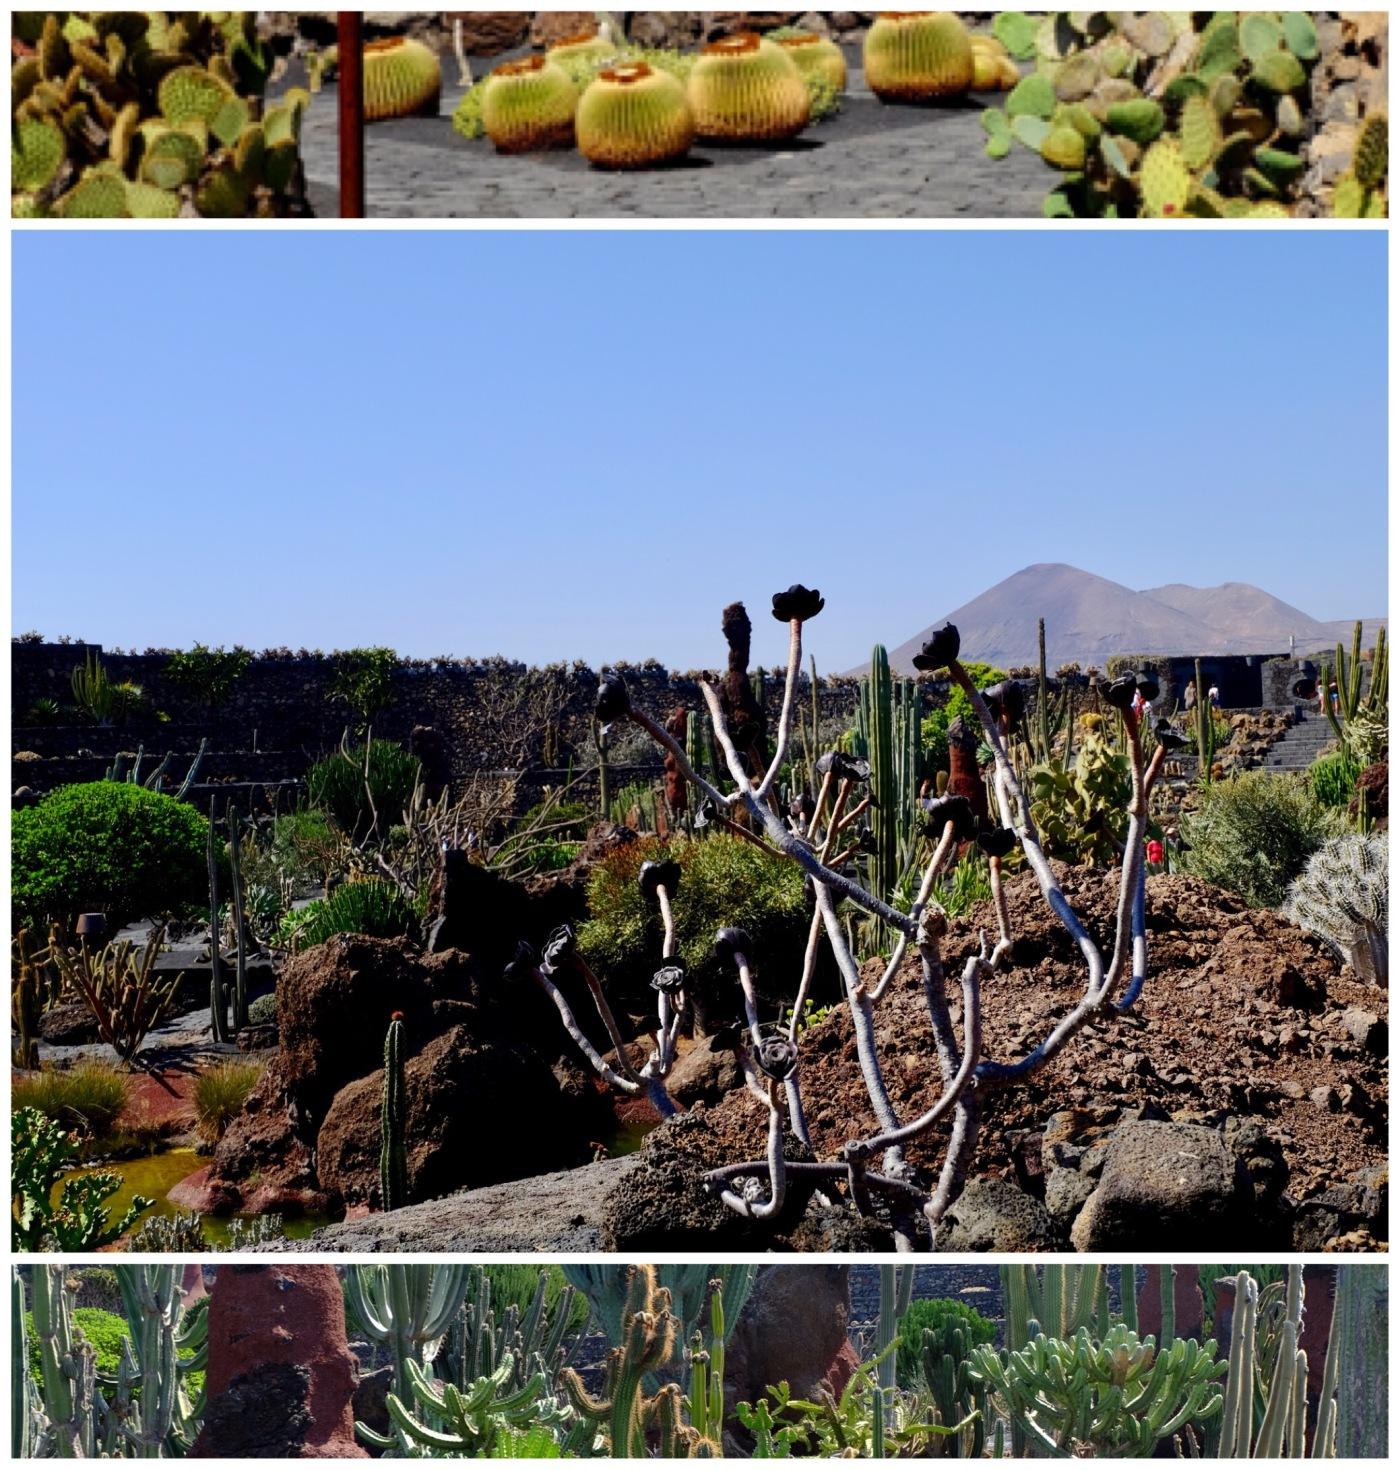 visit jardin de cactus lanzarote - Jardn De Cactus